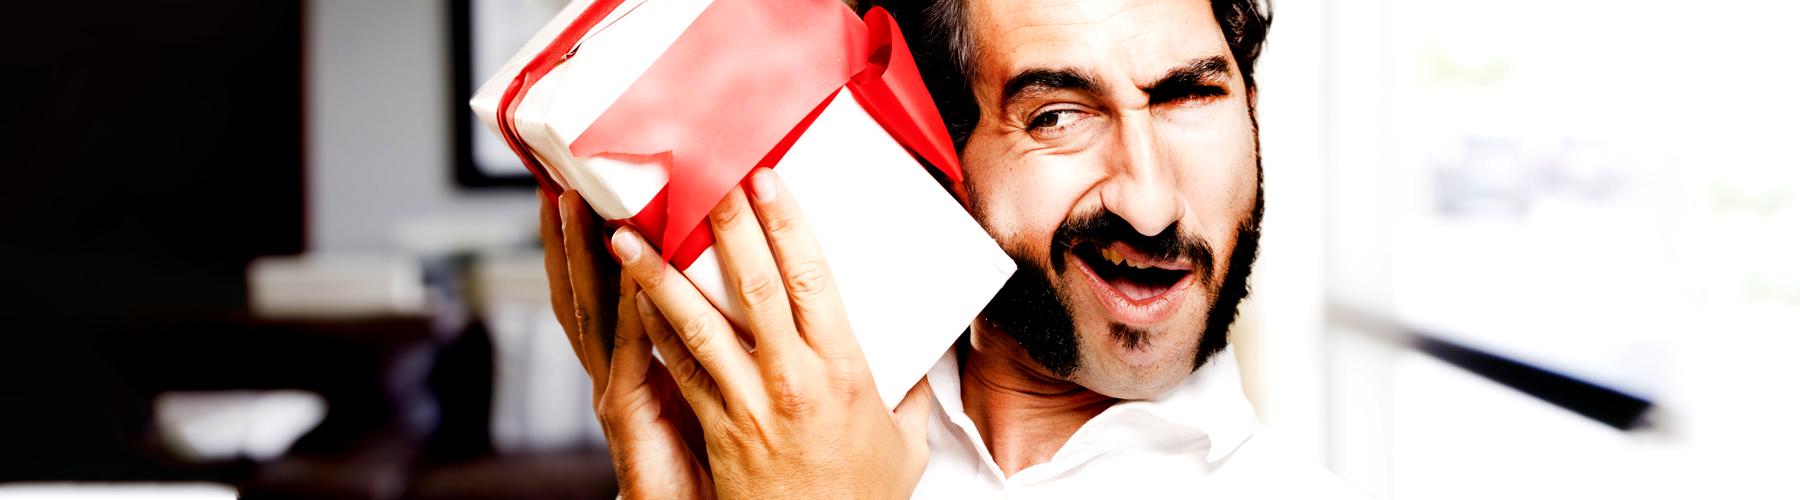 Los 9 regalos corporativos para reír o llorar que los empleados recibieron